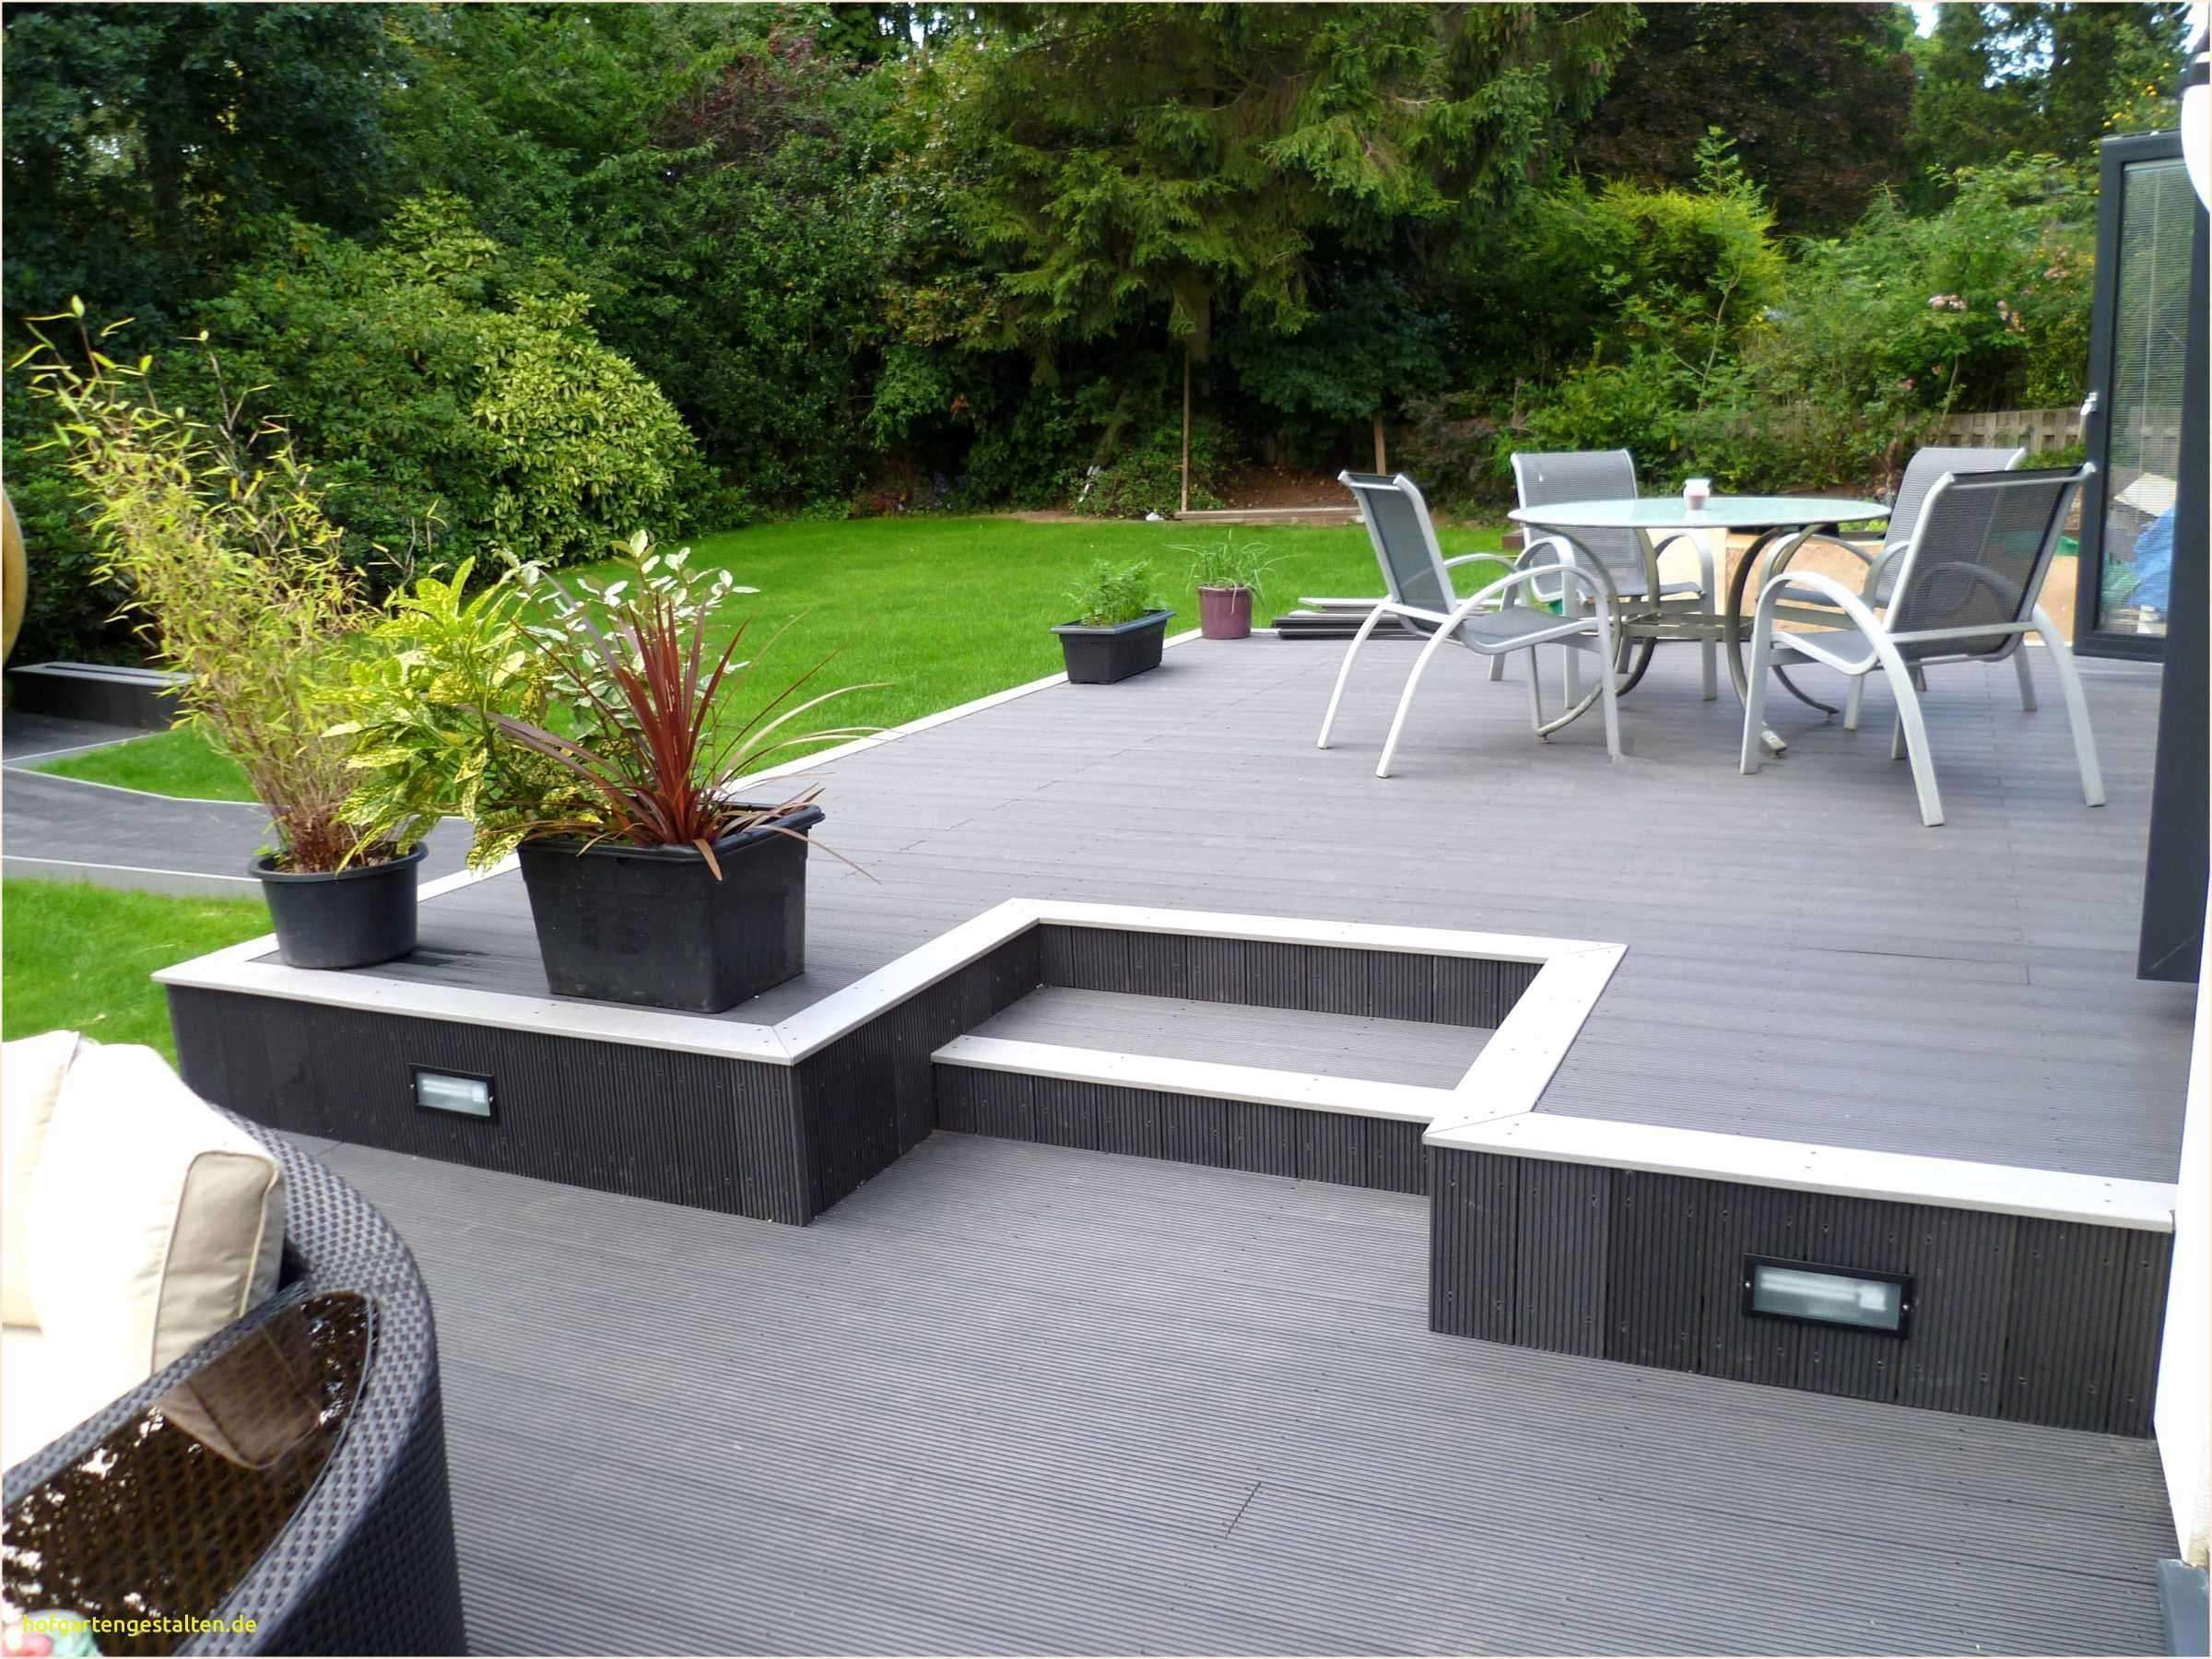 Ideen Für Gartengestaltung Genial 35 Elegant Schwimmpool Garten Elegant